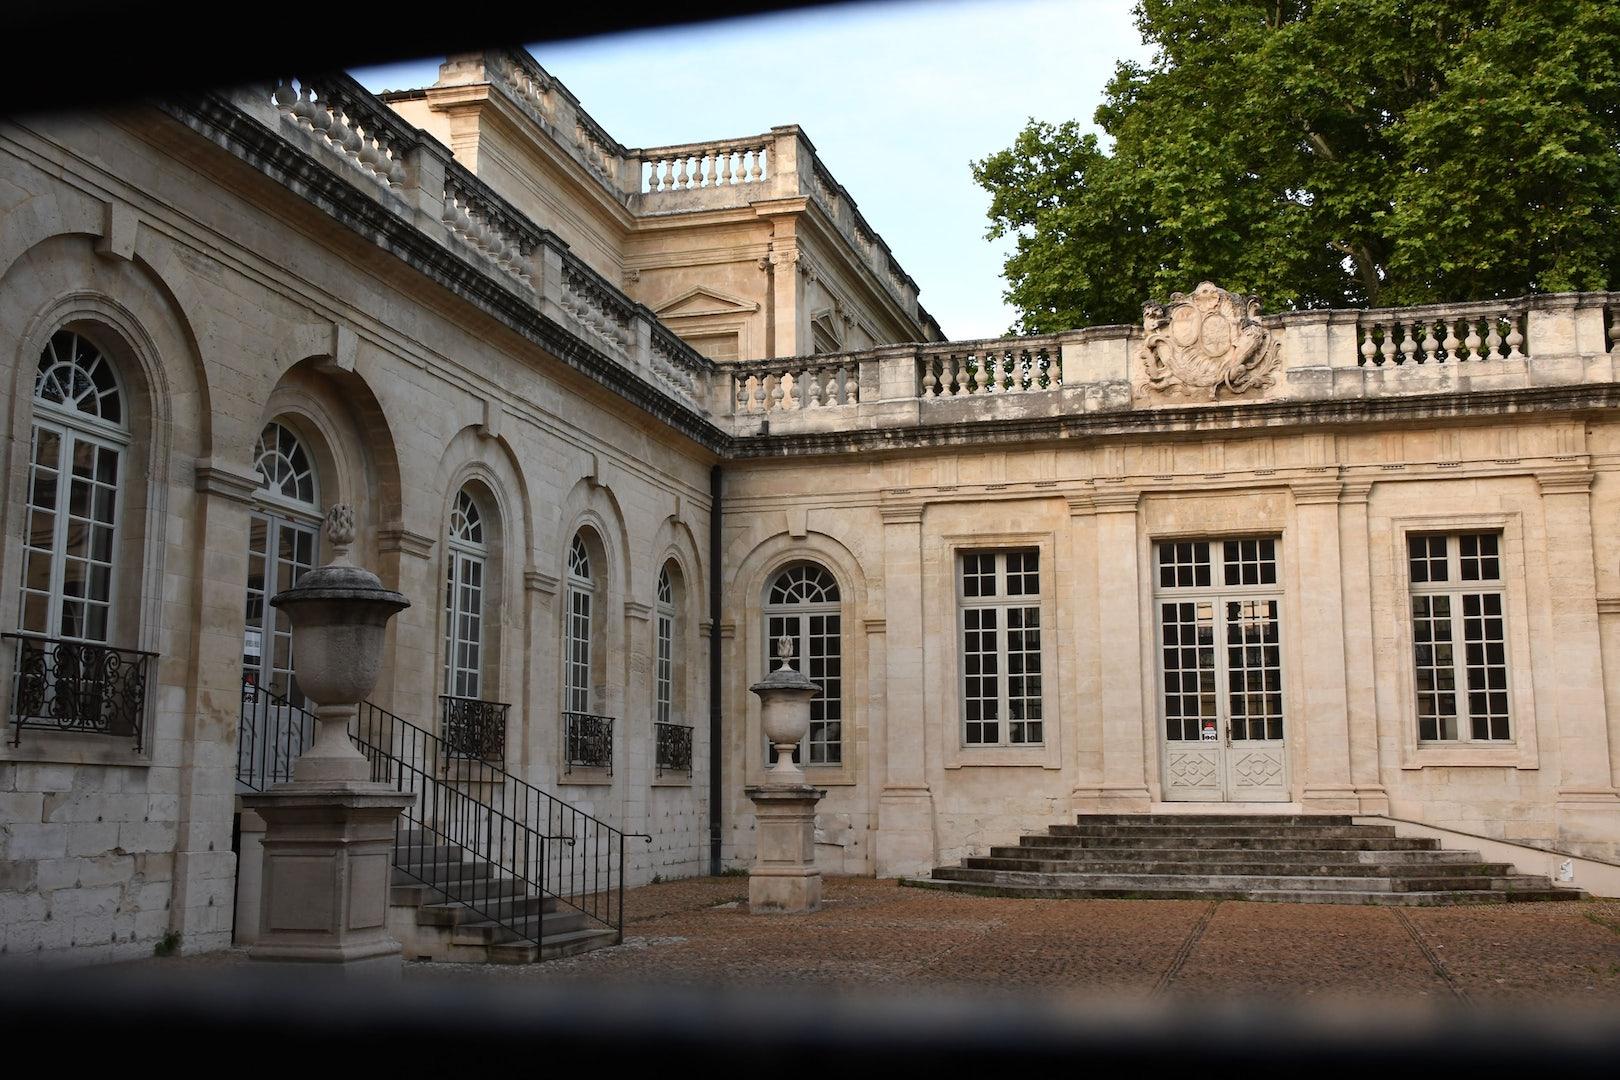 exterior of the Musée Calvet in Avignon